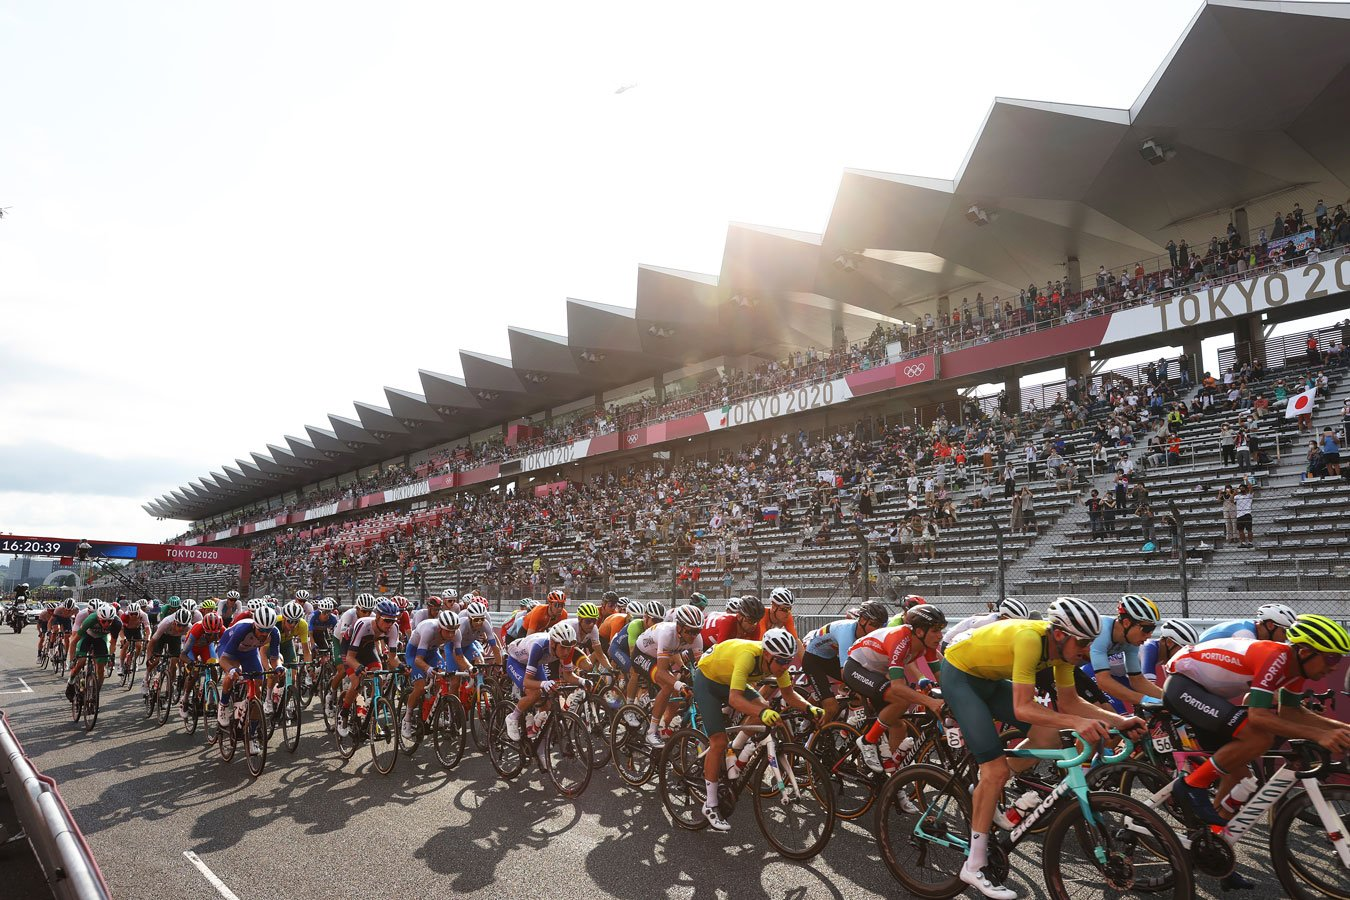 Россияне Власов и Закарин не получили питание во время велогонки на Олимпиаде-2020